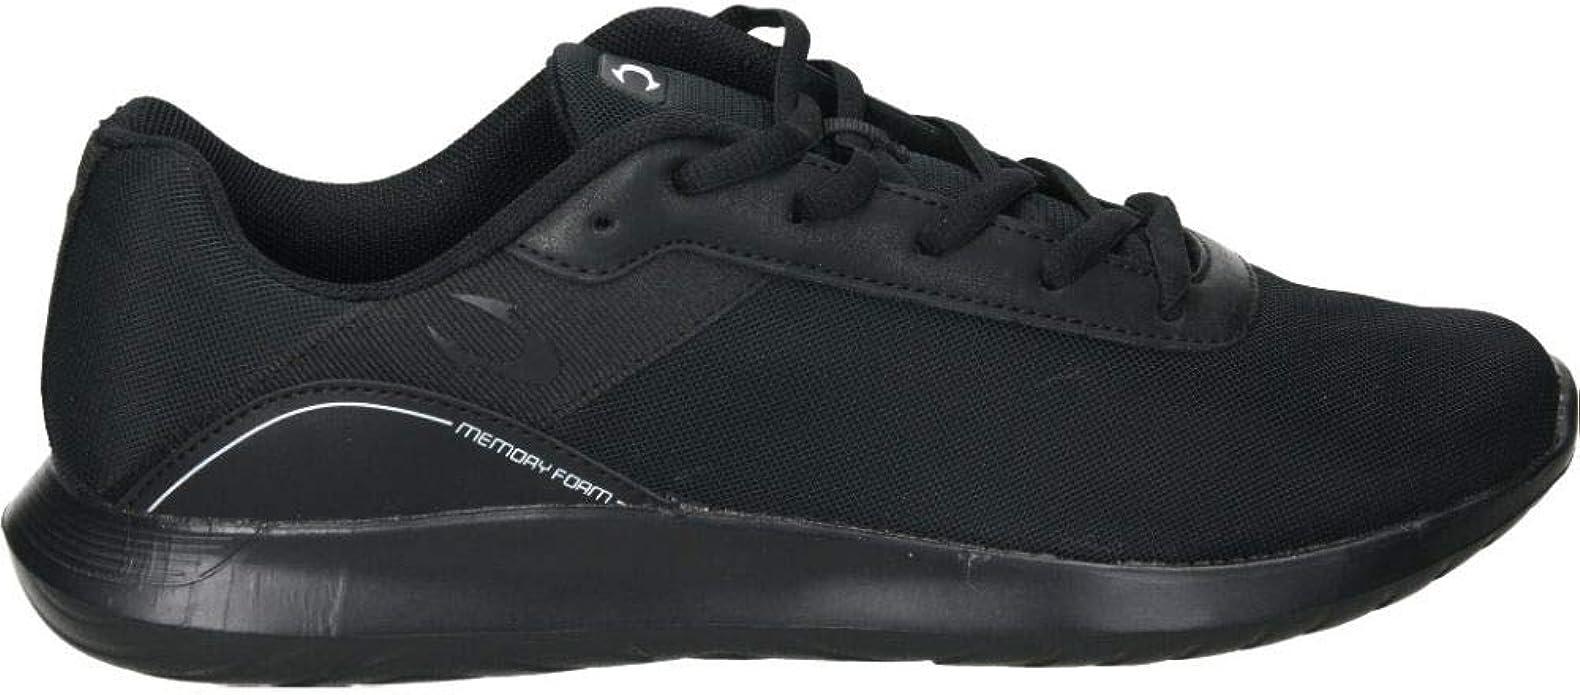 JOHN SMITH Zap.J.Smith RAFEN Negro, Zapatillas de Deporte para Hombre, 41 EU: Amazon.es: Zapatos y complementos